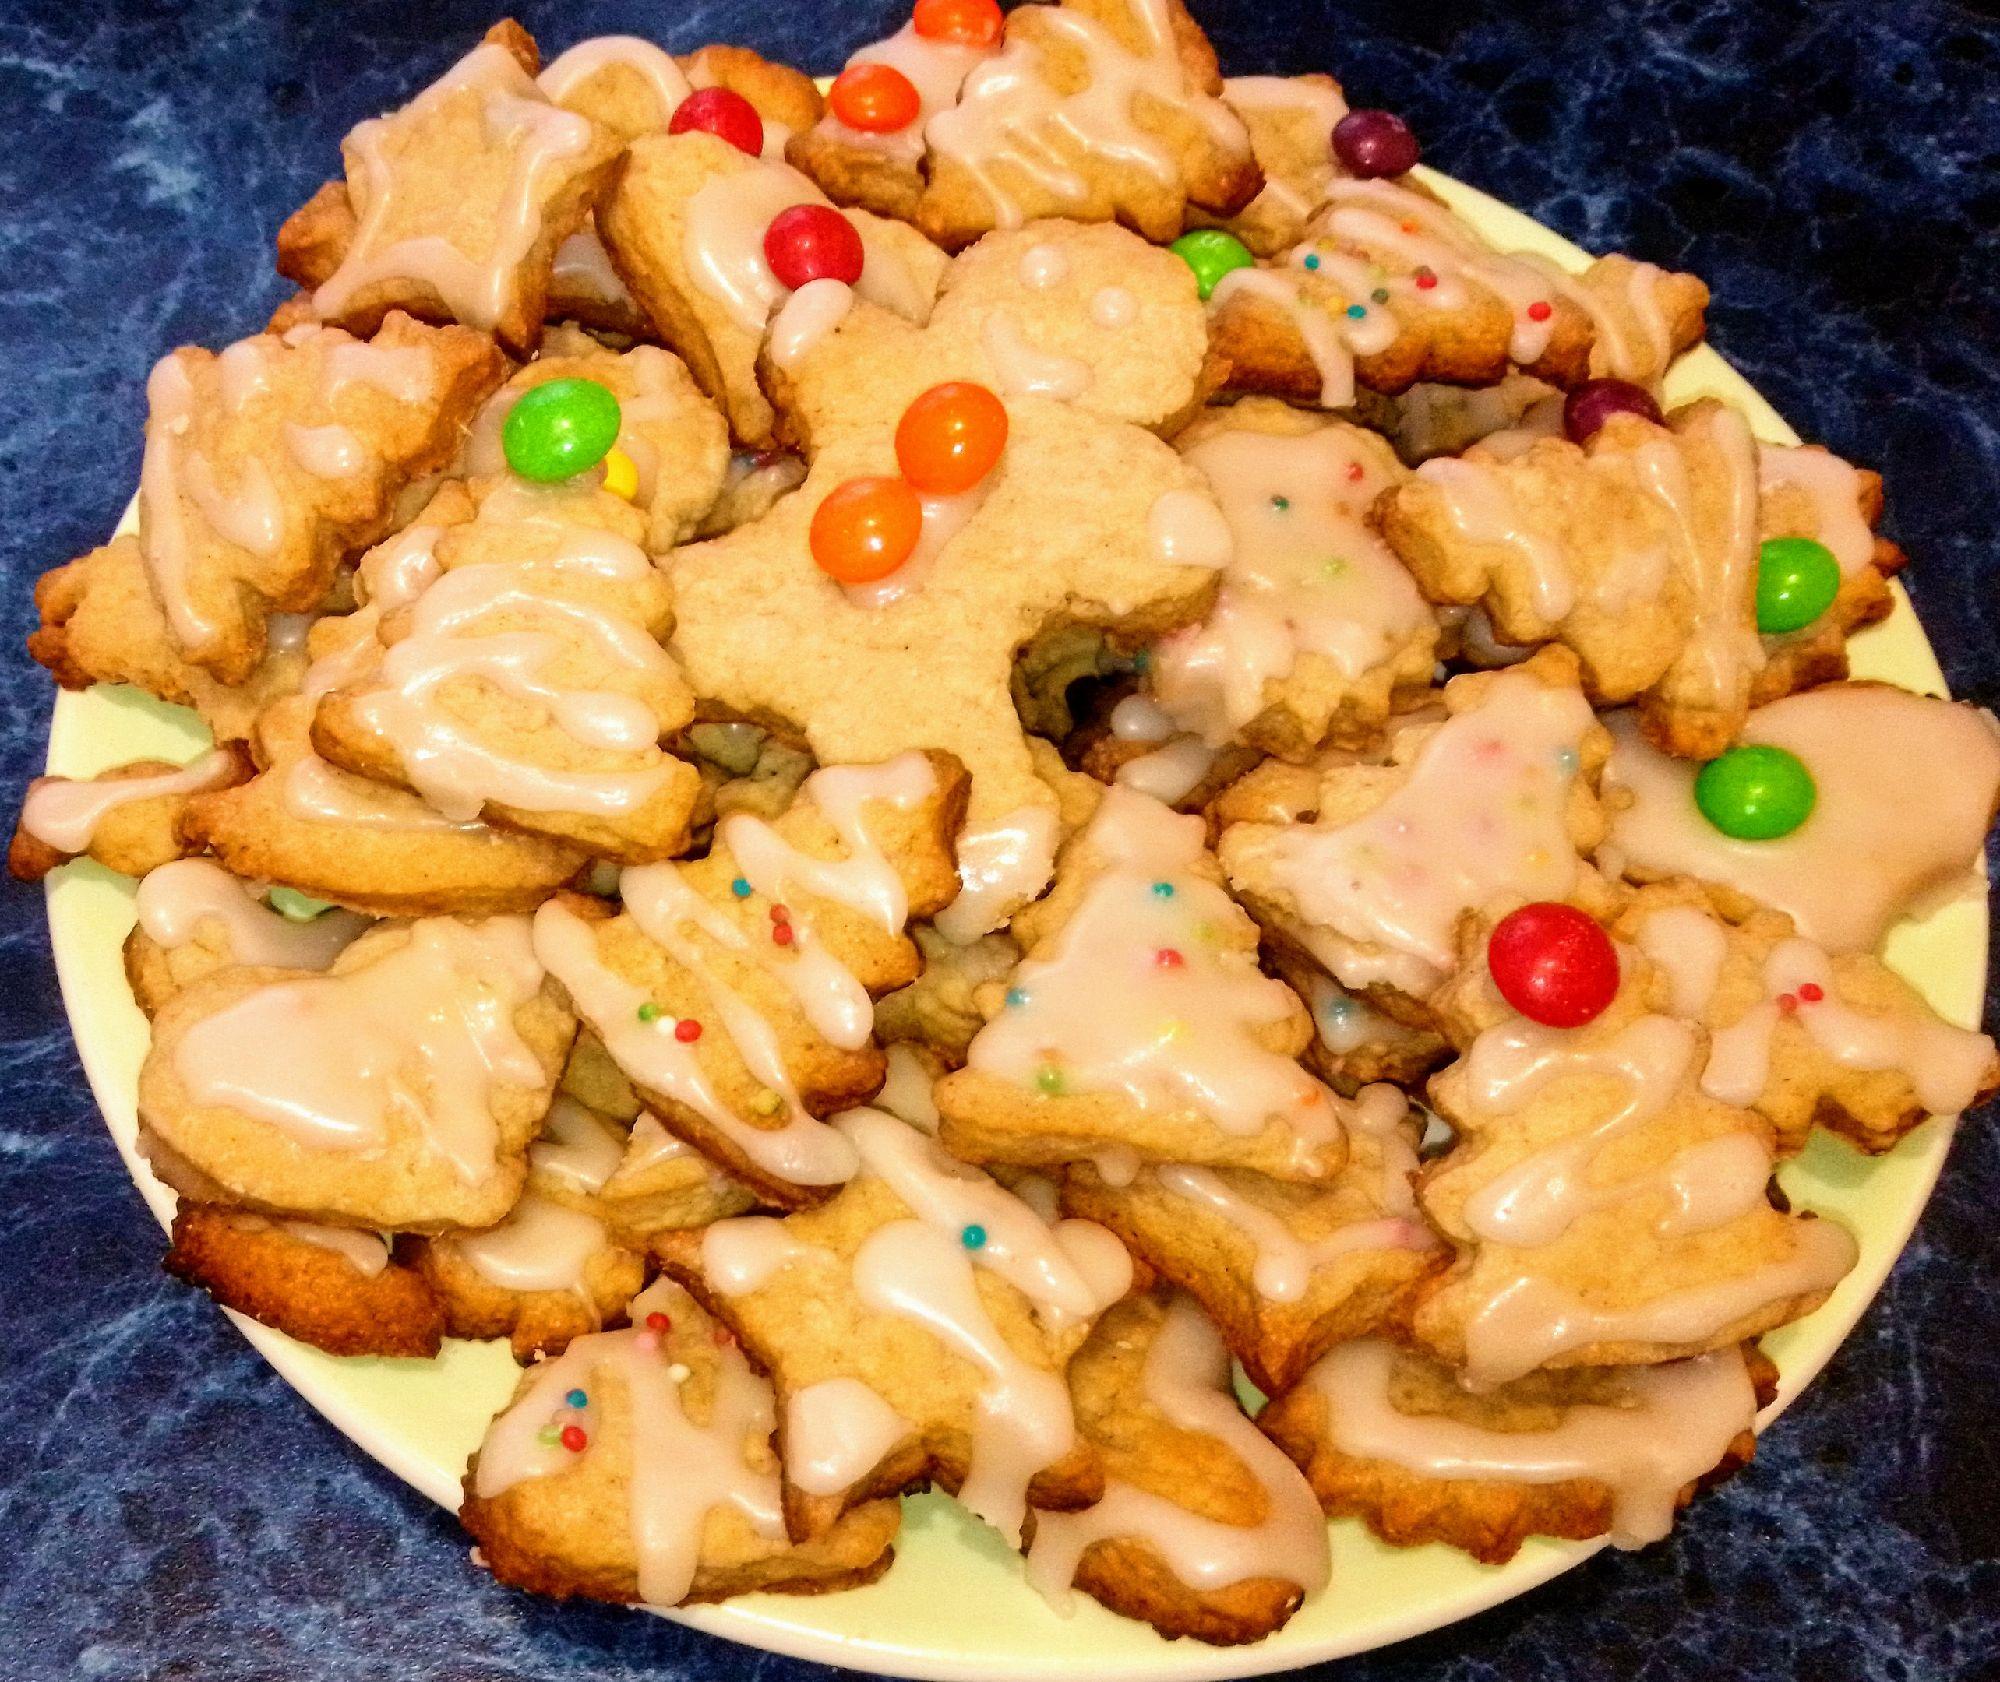 На вкус это оказалось бесподобно! Тарелку печенья умяли за один вечер!